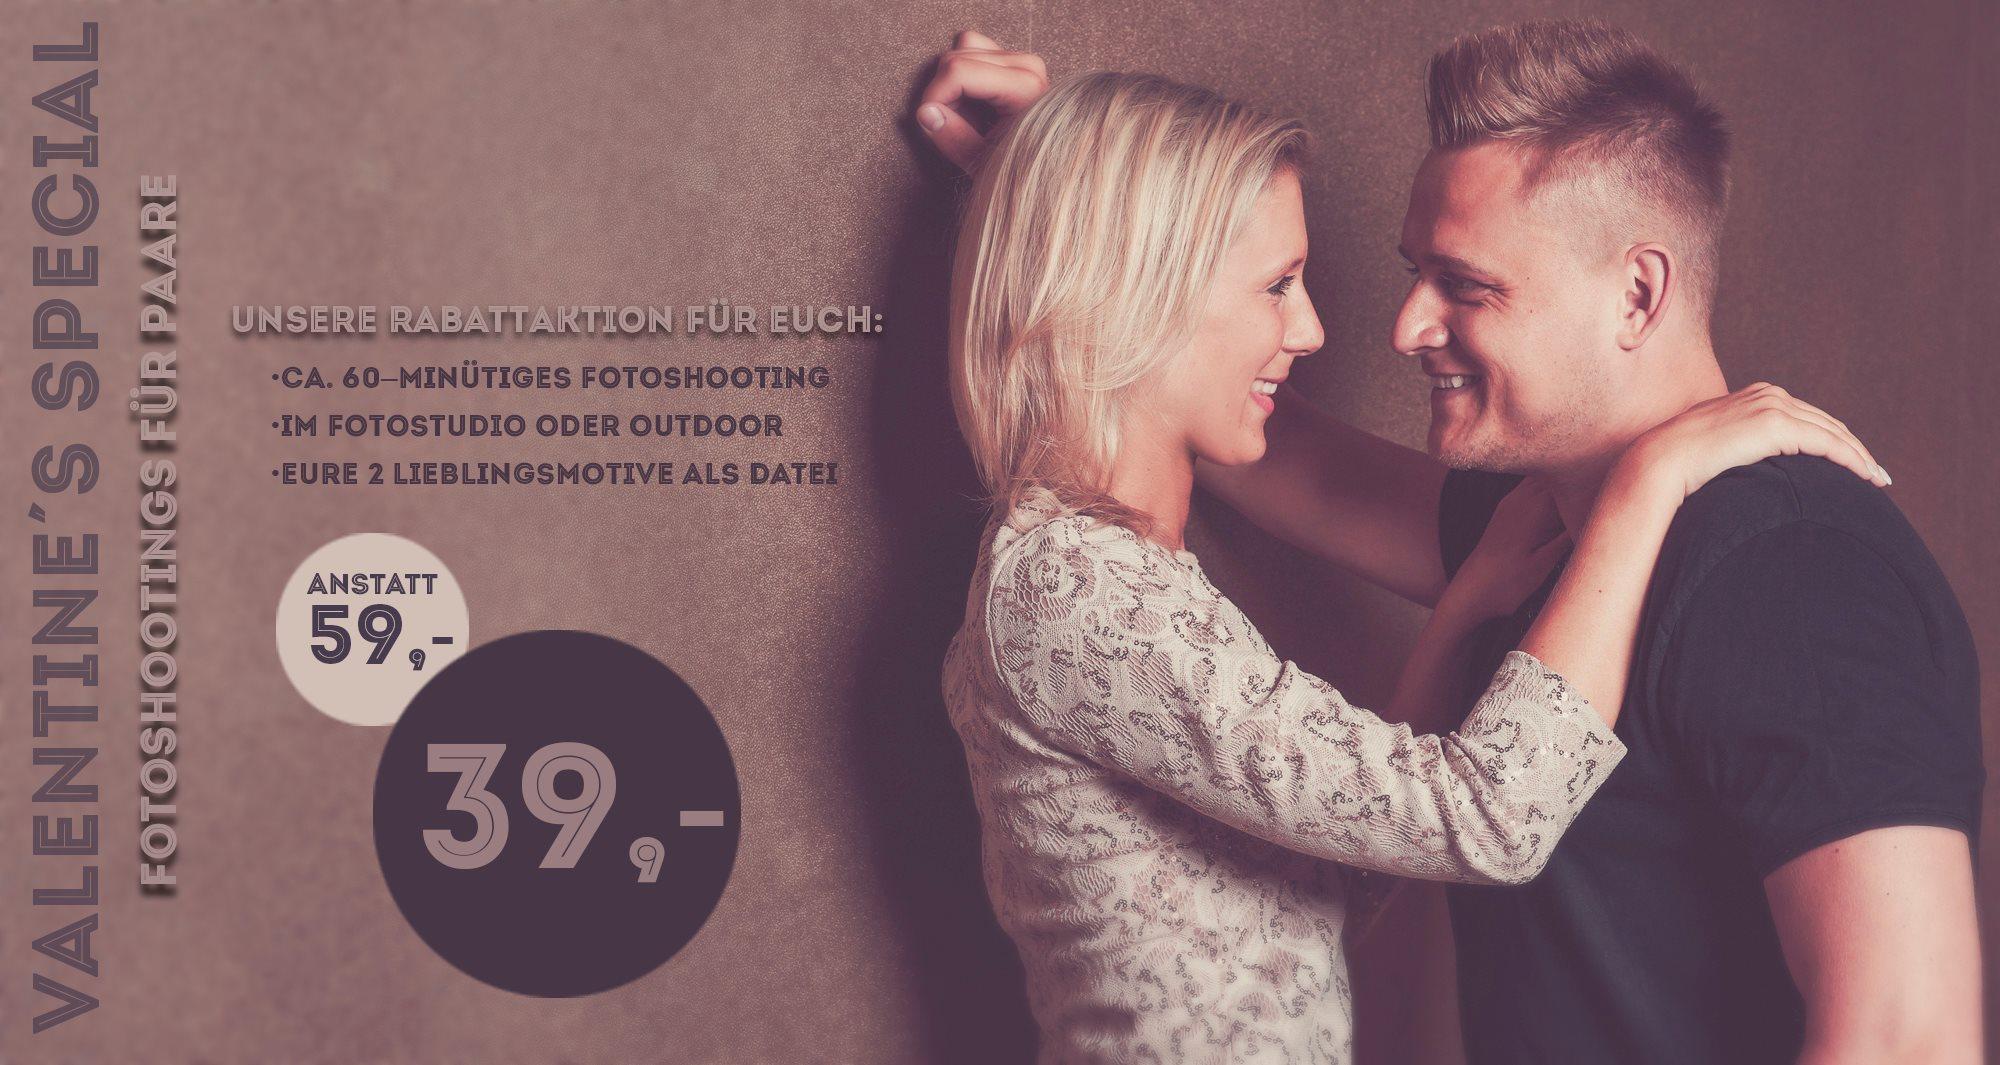 Fotostudio Rabatt Fotoshooting Paare Valentinstag